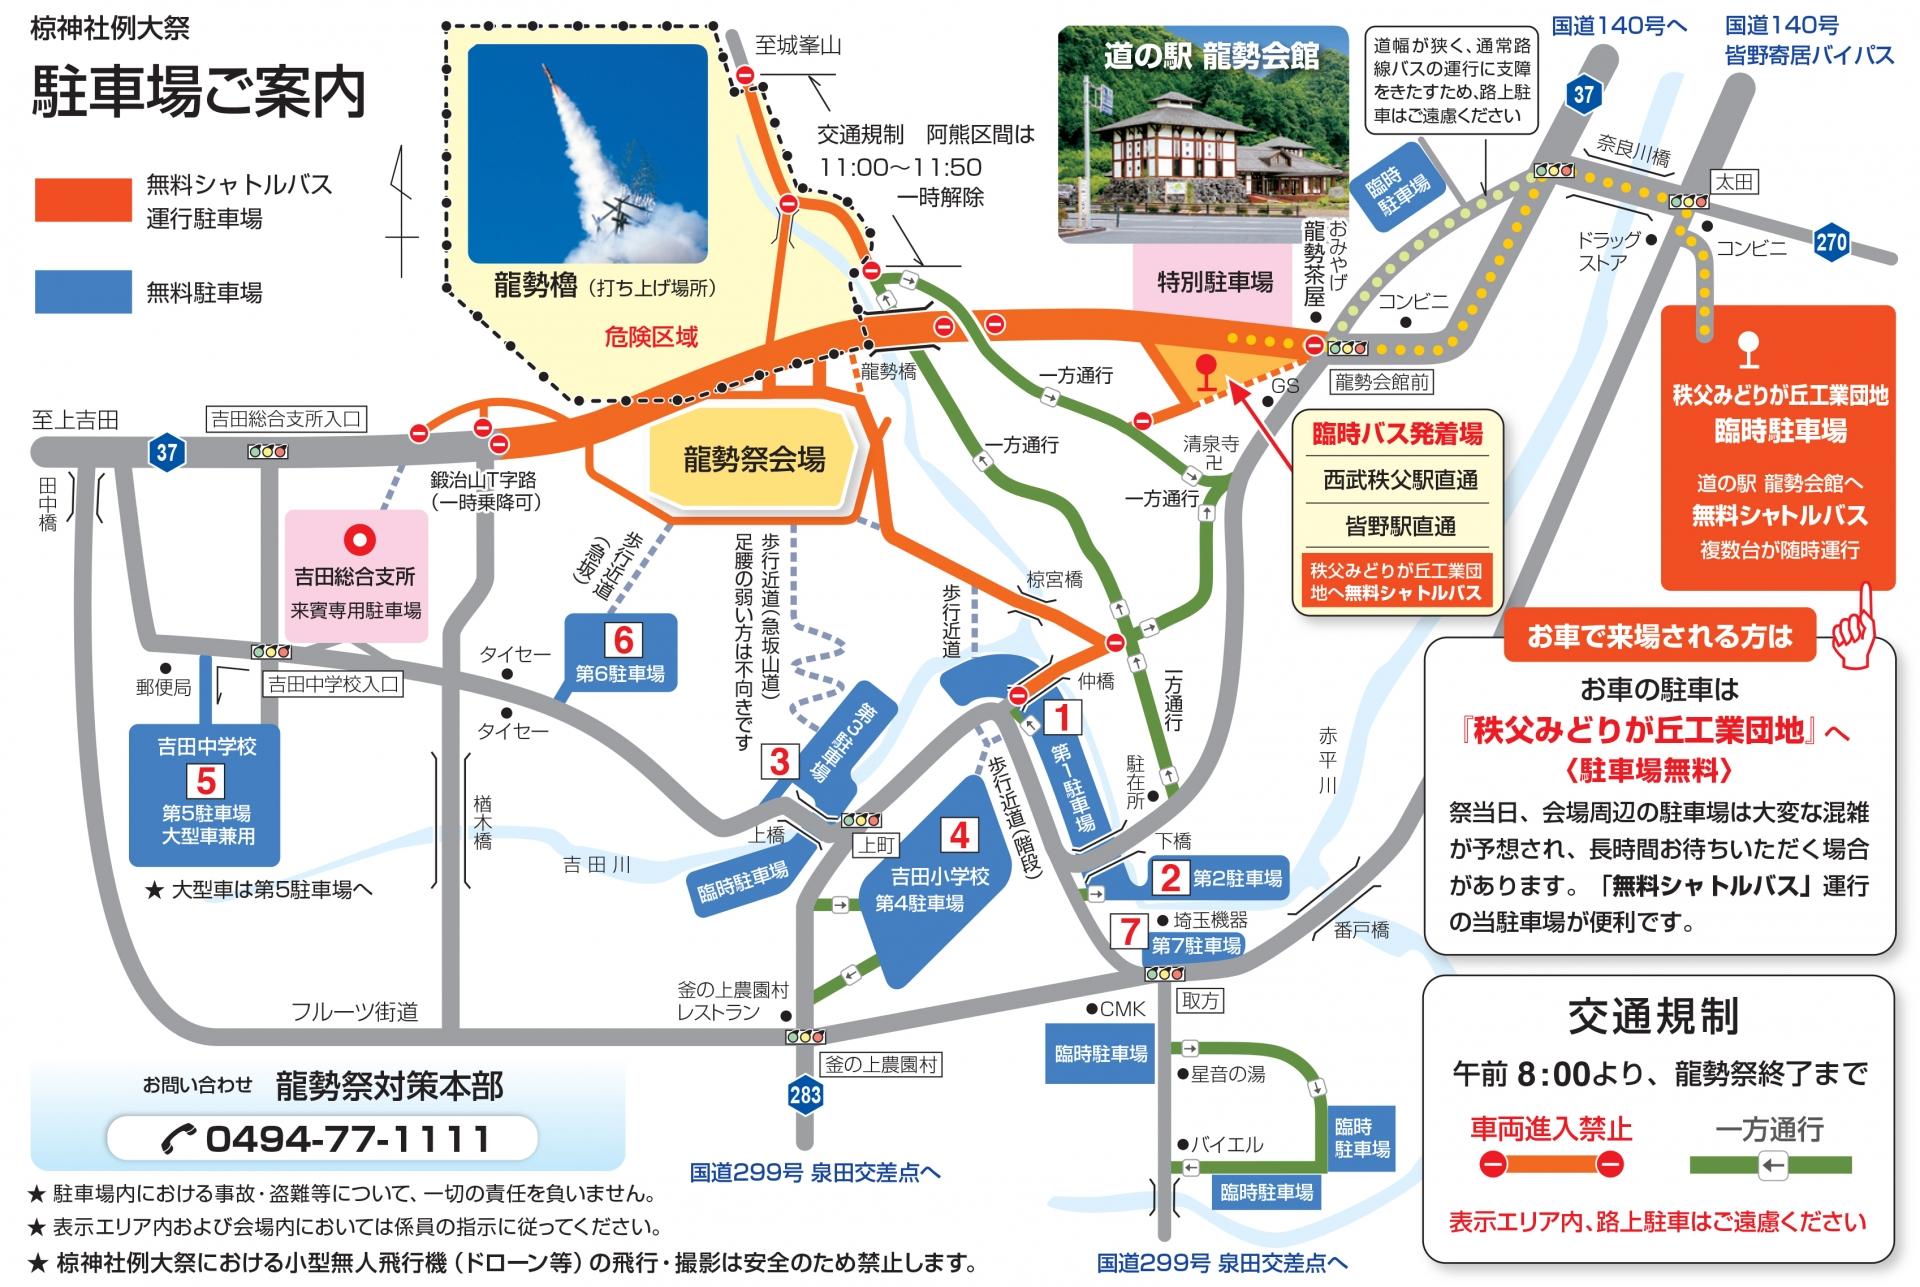 龍勢祭周辺交通規制図